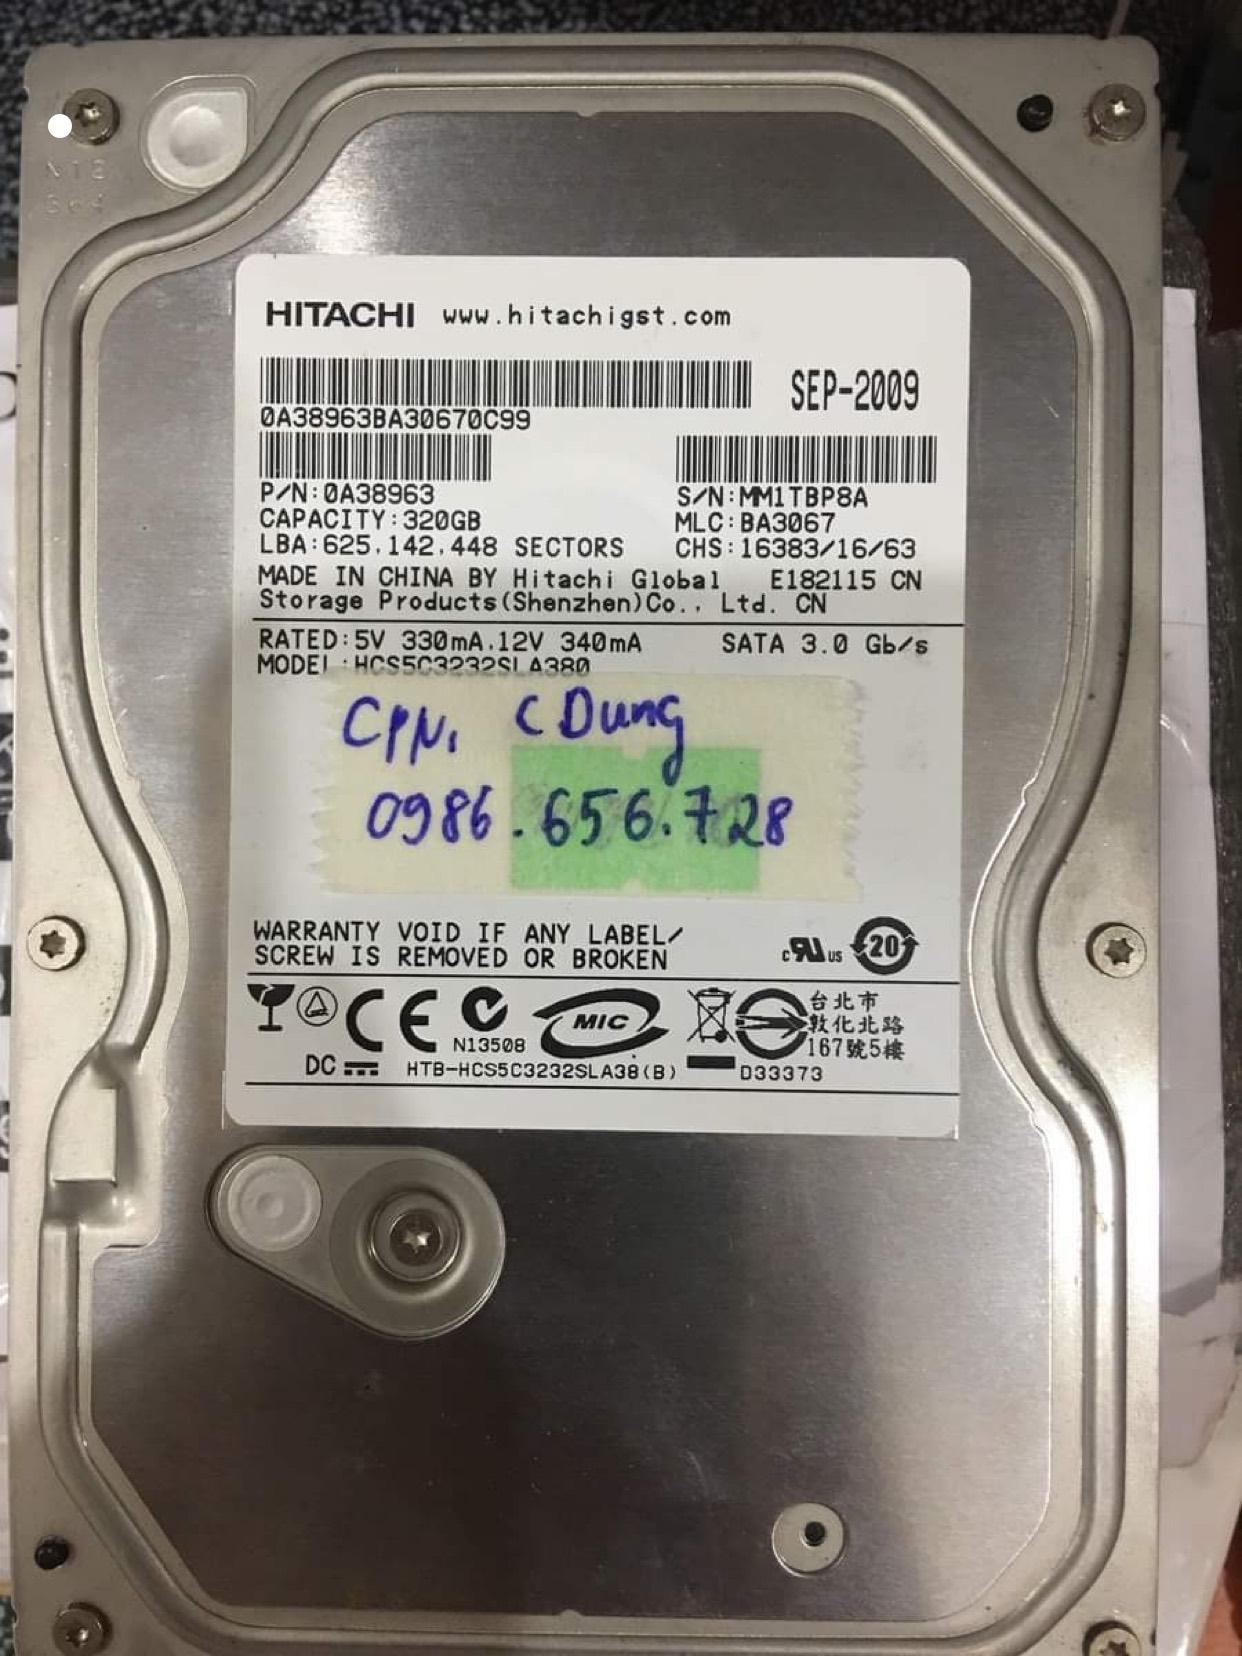 Phục hồi dữ liệu ổ cứng Hitachi 320GB đầu đọc kém 27/06/2020 - cuumaytinh